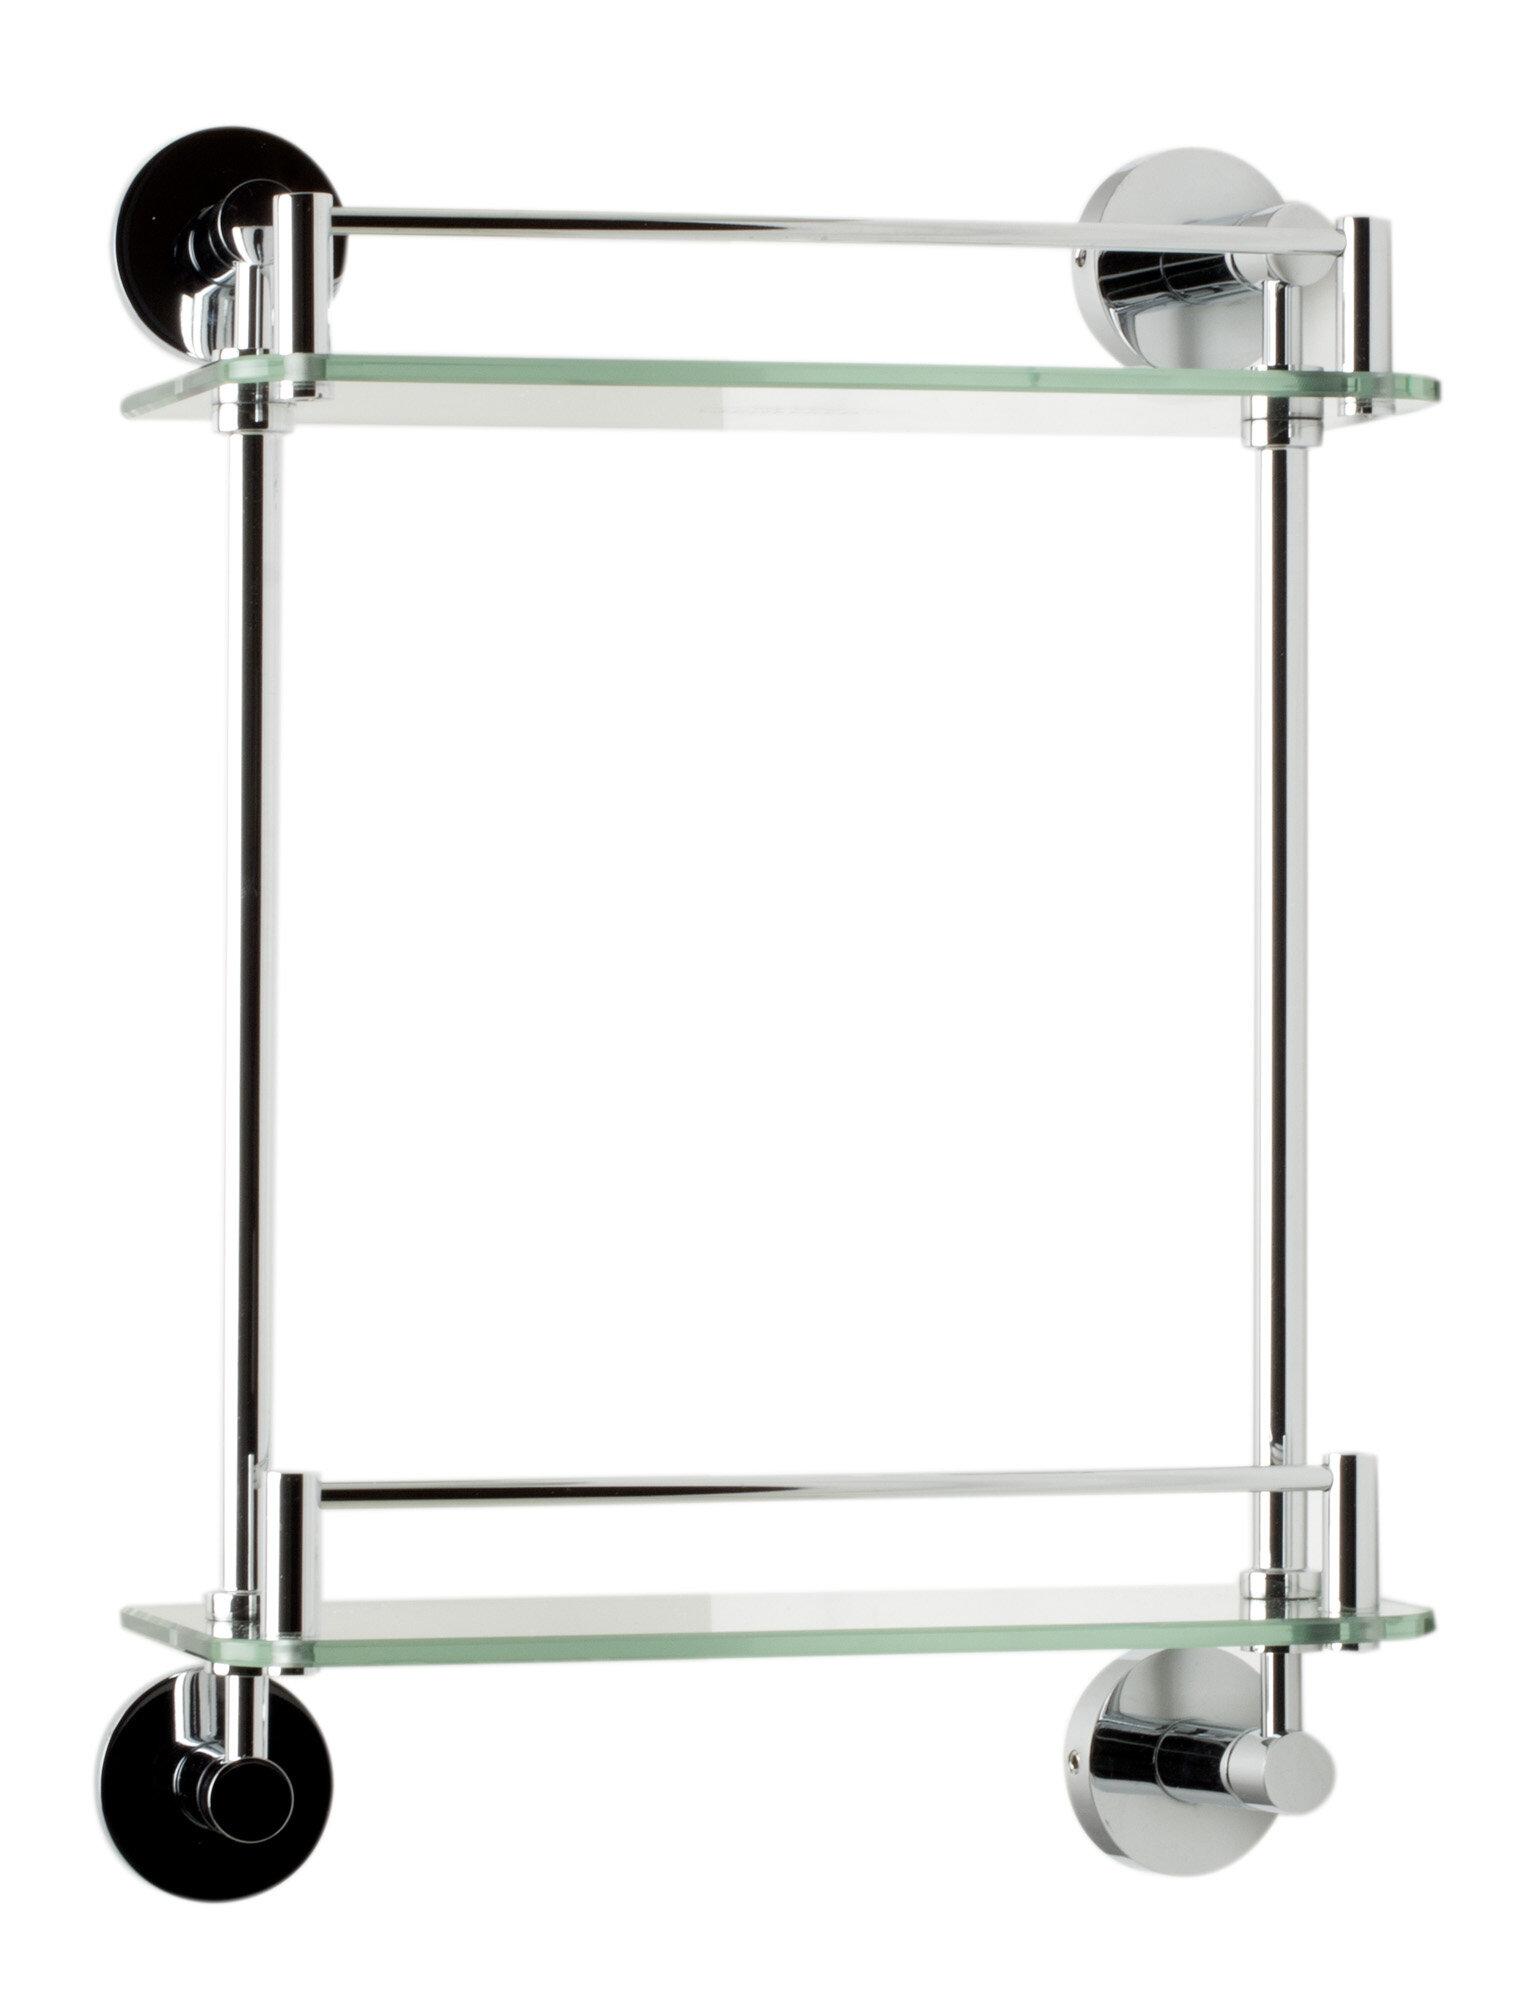 ALFI Brand AB9549 Polished Chrome Wall Mounted Double Glass Shower Shelf Bathroom  Accessory | Wayfair